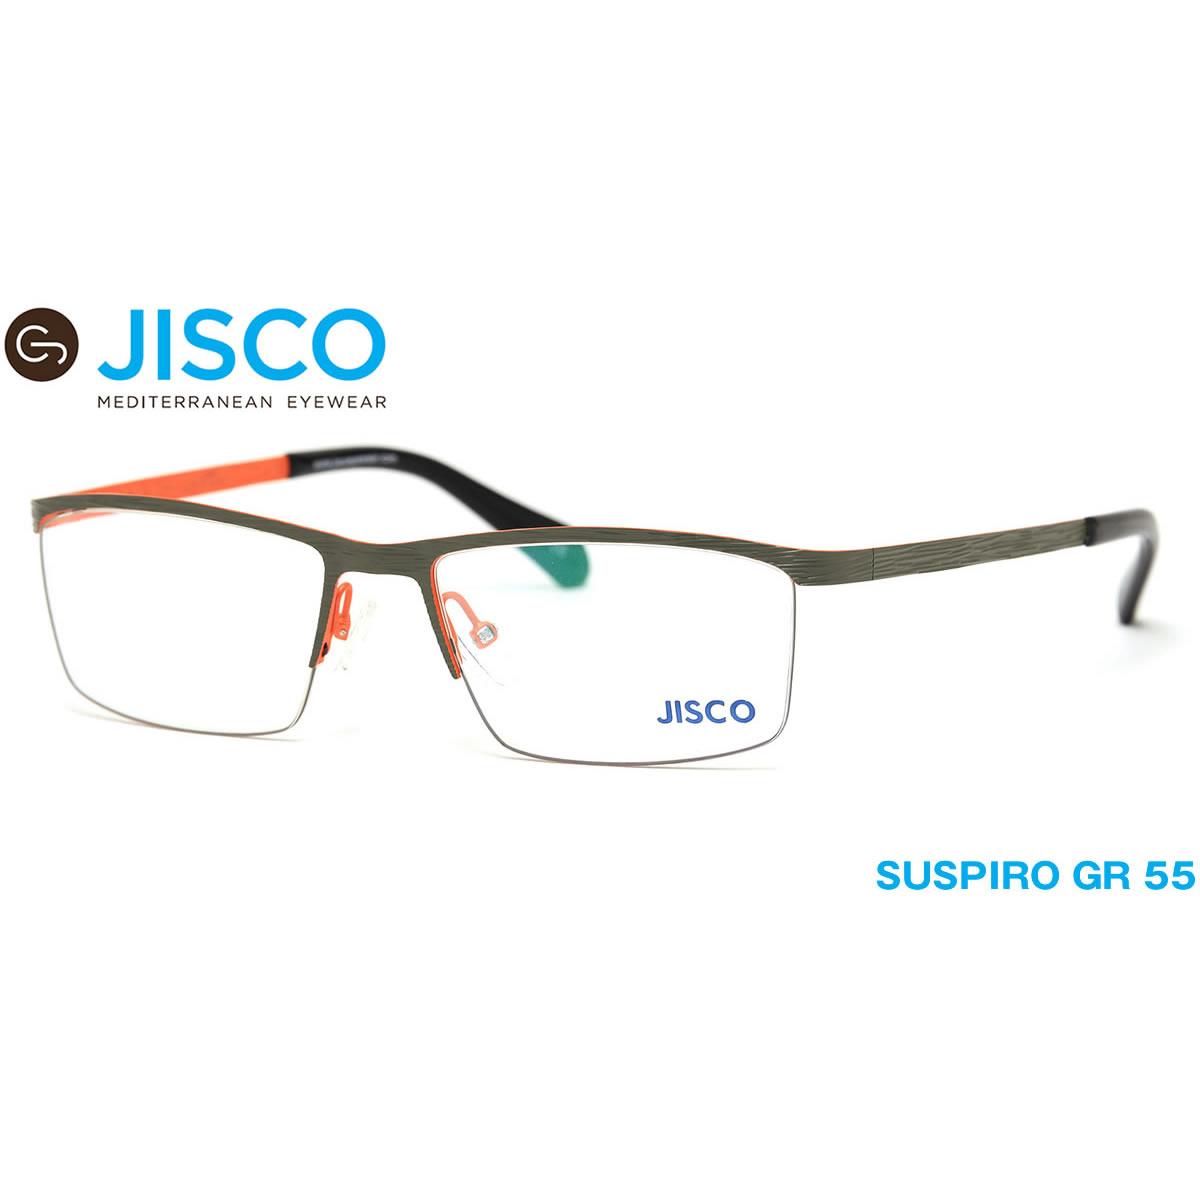 【10月30日からエントリーで全品ポイント20倍】【14時までのご注文は即日発送】SUSPIRO GR 55サイズ JISCO (ジスコ) メガネ メンズ レディース 【伊達メガネ用レンズ無料!!】【あす楽対応】【LOS40】